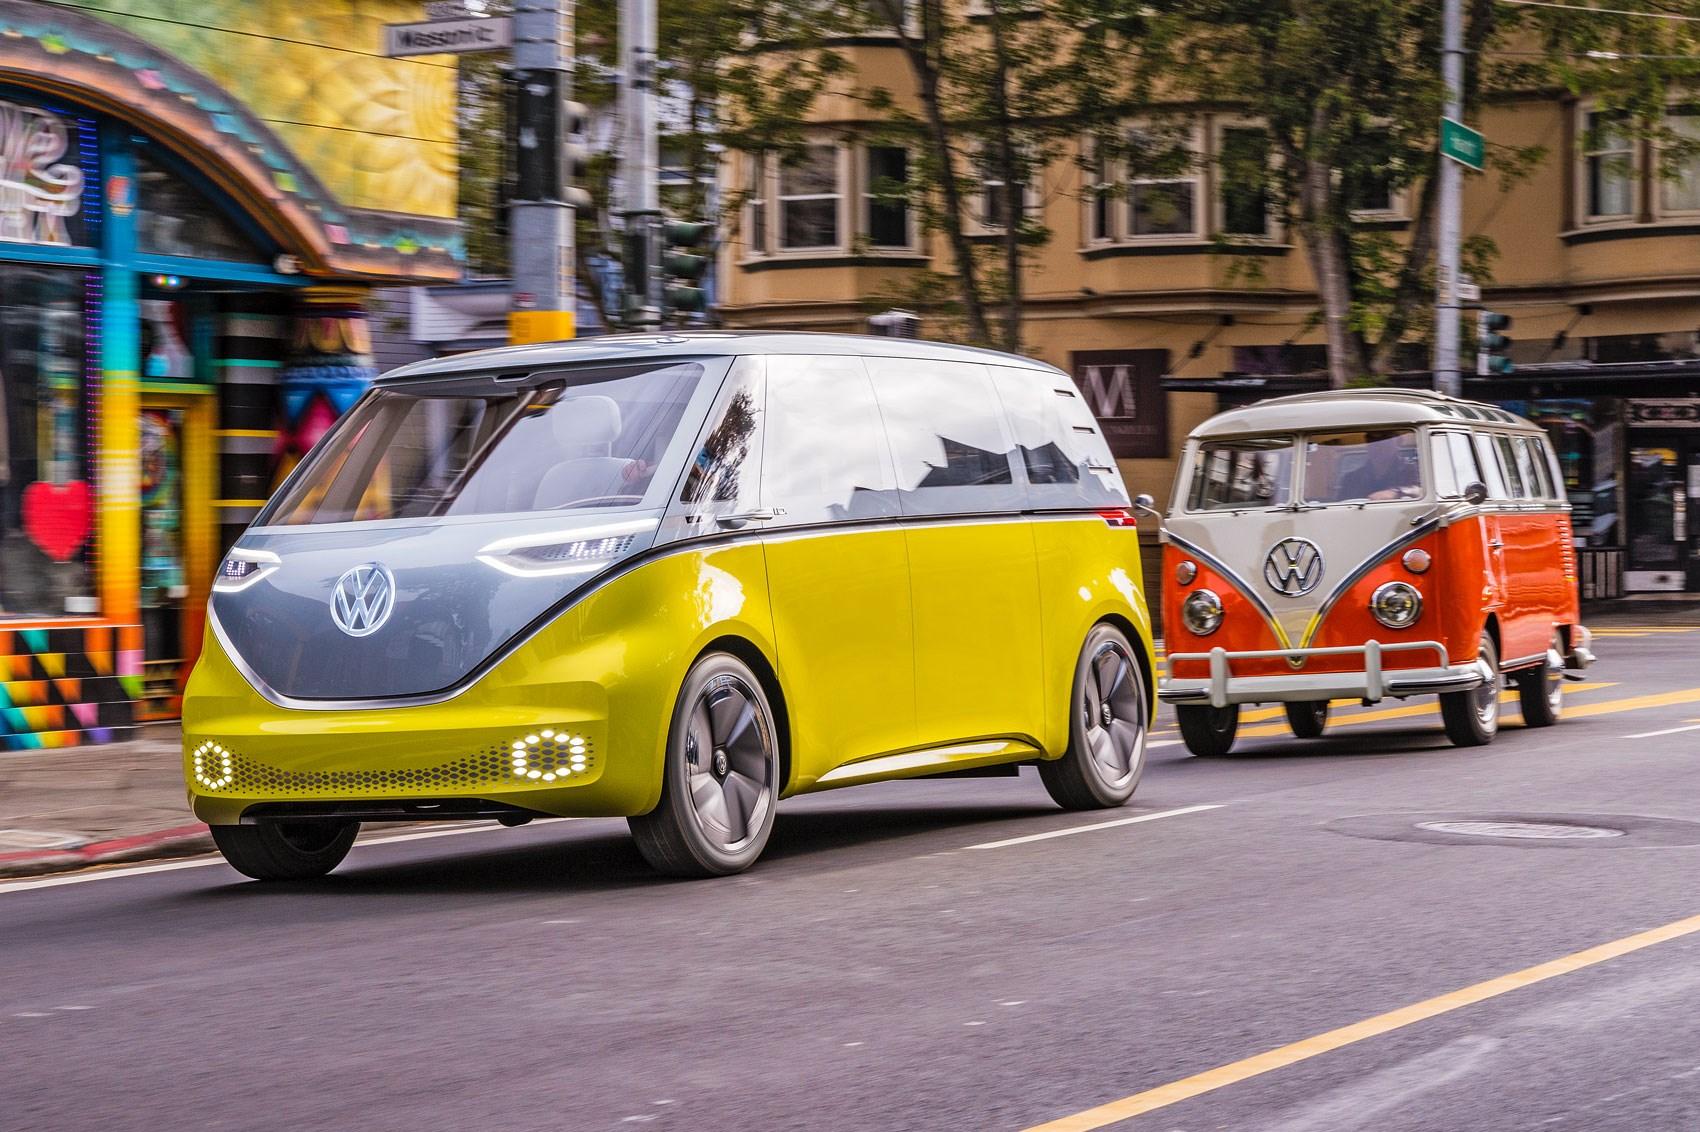 Volkswagen ориентируется на дизайн гаджетов Apple 2